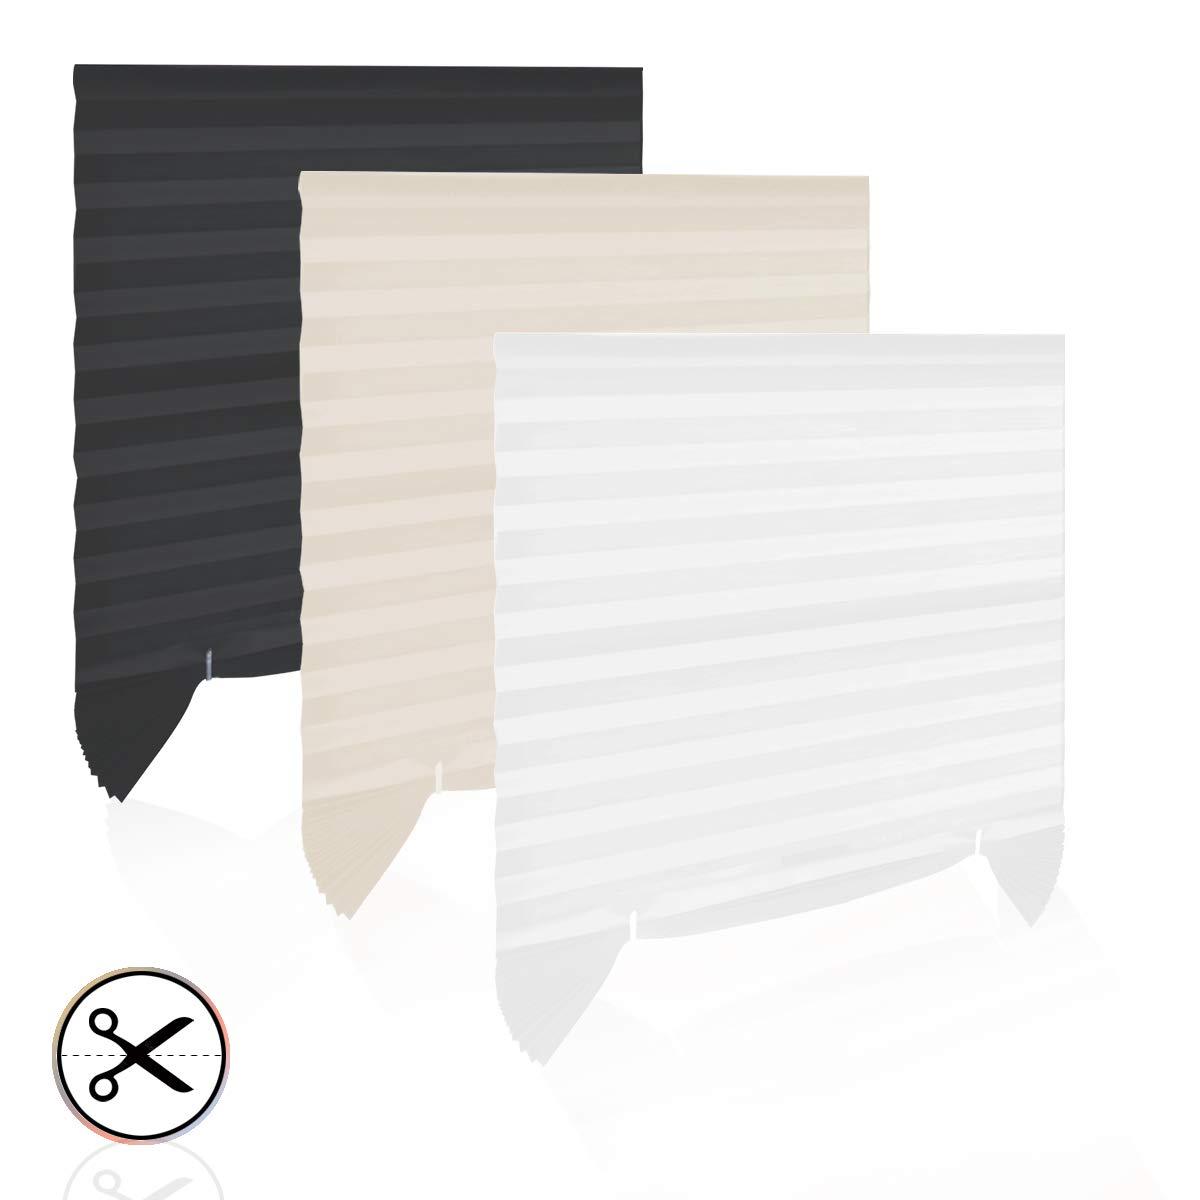 HOMEDEMO Tenda Plissettata Tende a Rullo Pieghettata con Colla Senza Perforazione può Essere Tagliato Easy Fix Tenda avvolgibile 110 x 182 cm Beige